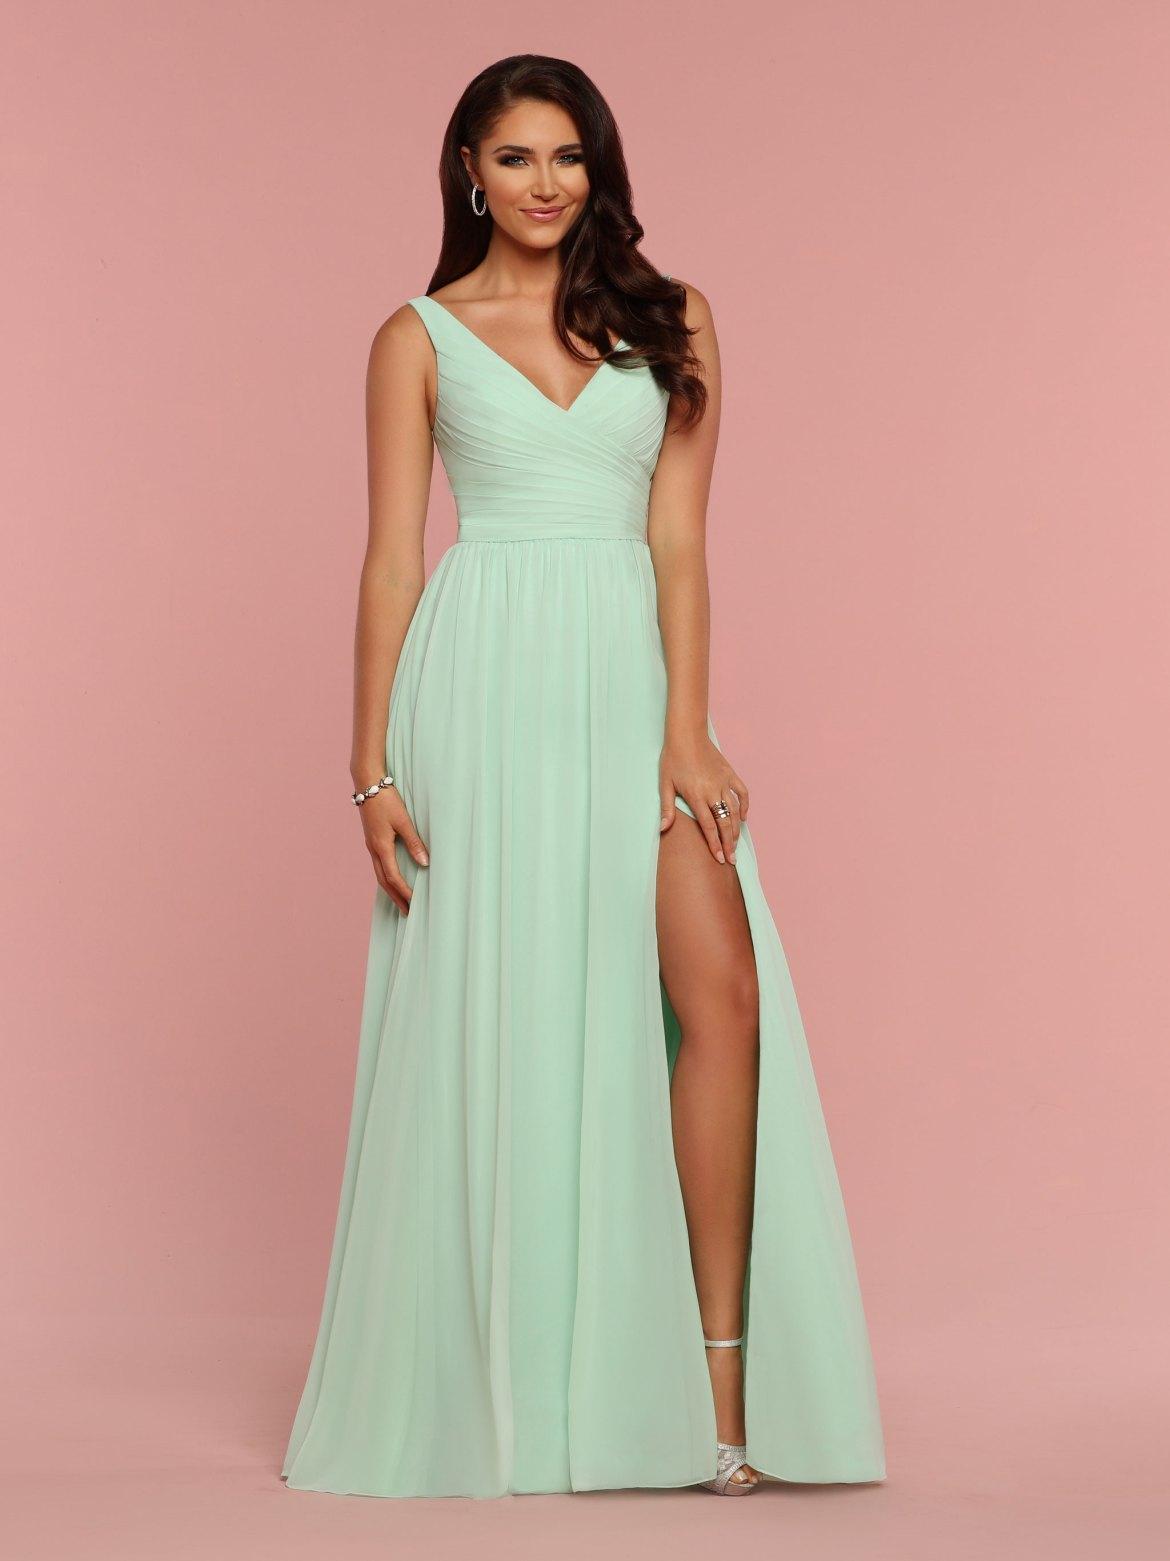 Style  60336  Chiffon A-Line Floor Length Bridesmaid Dress with Full Skirt a00da4816597